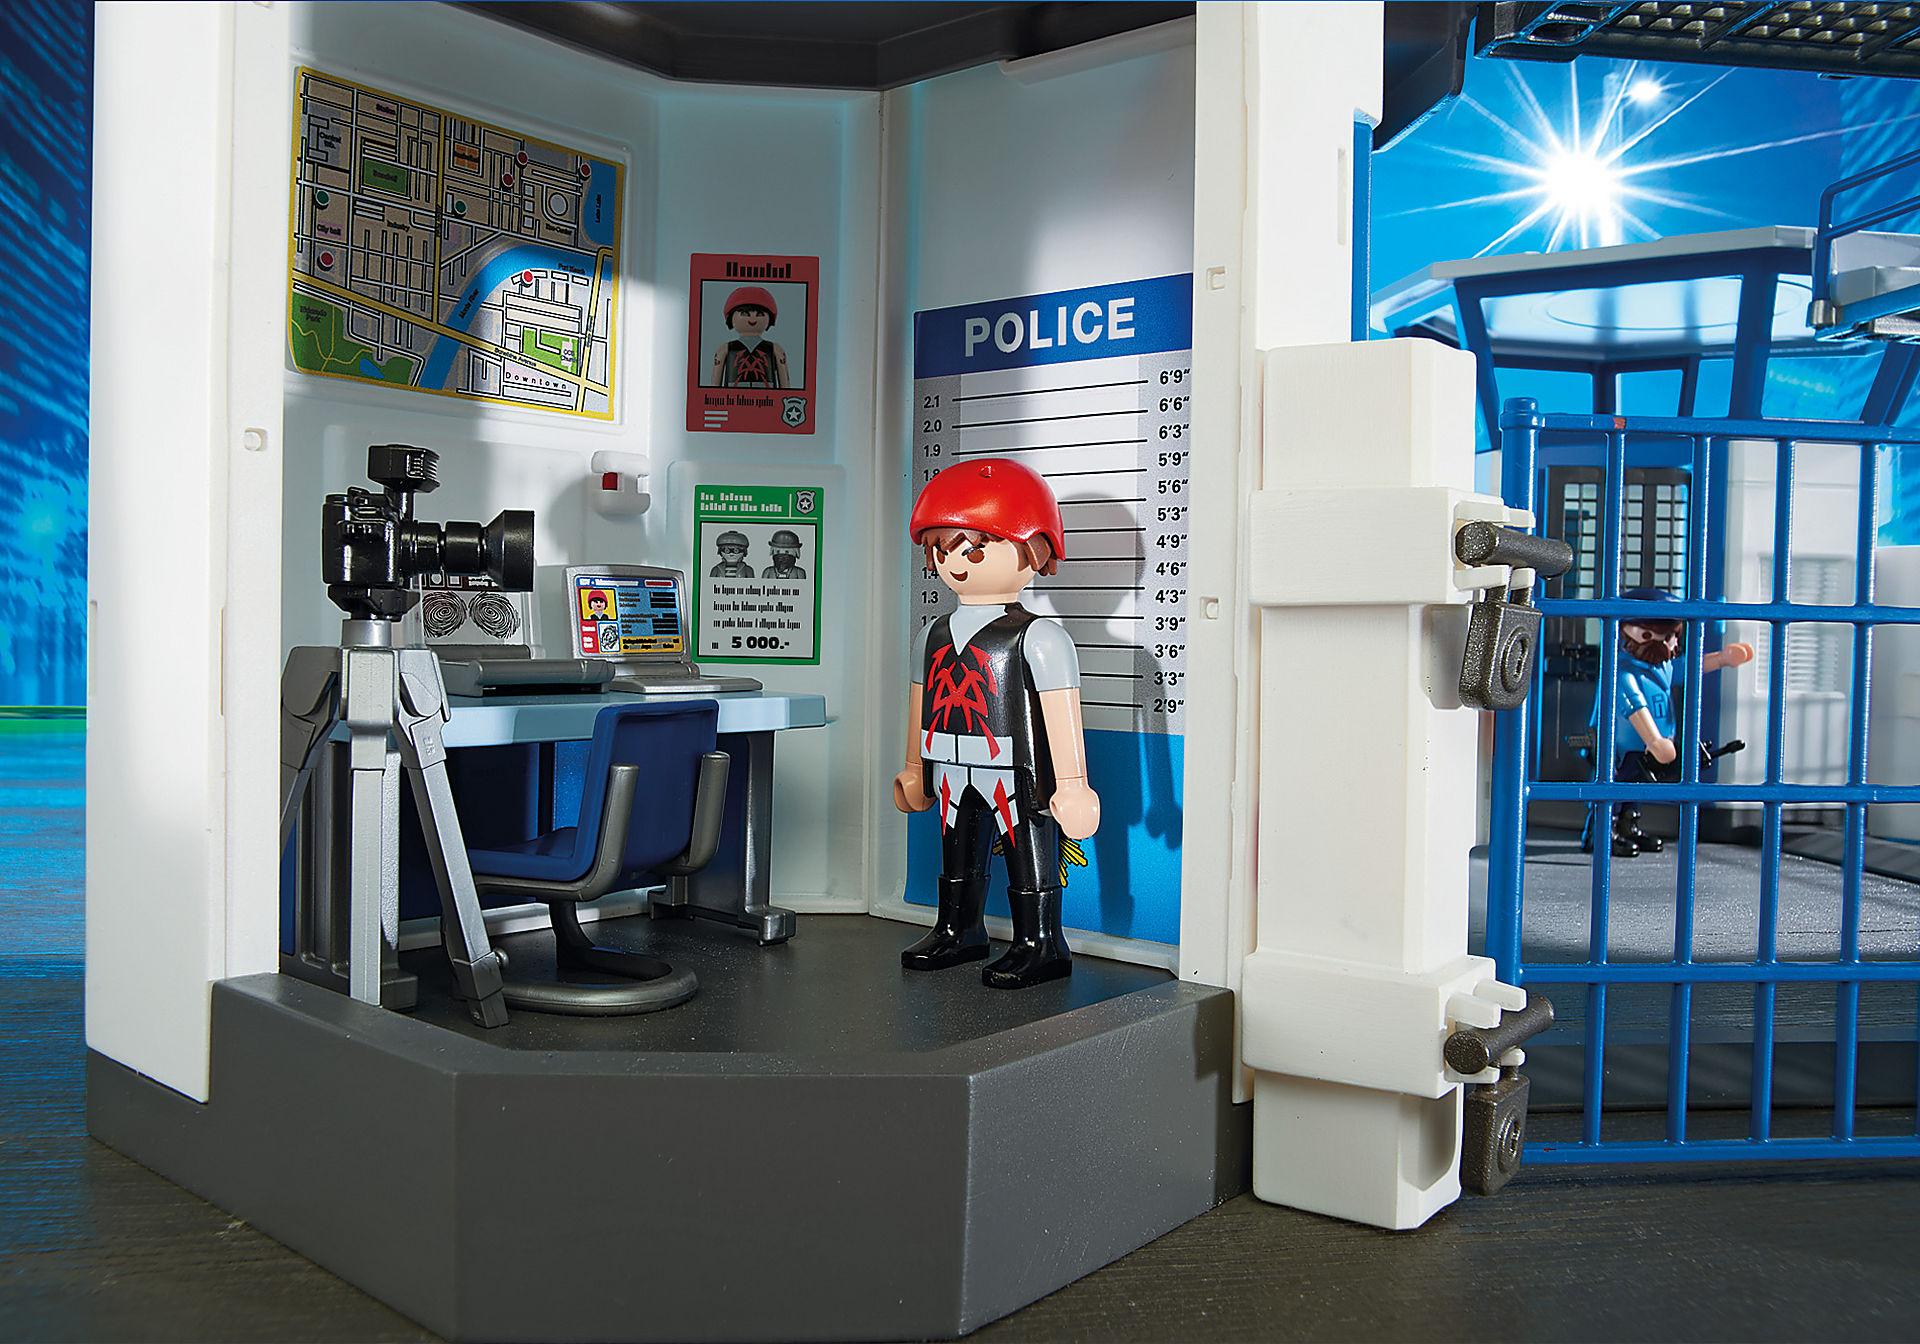 6919 Commissariat de police avec prison  zoom image5